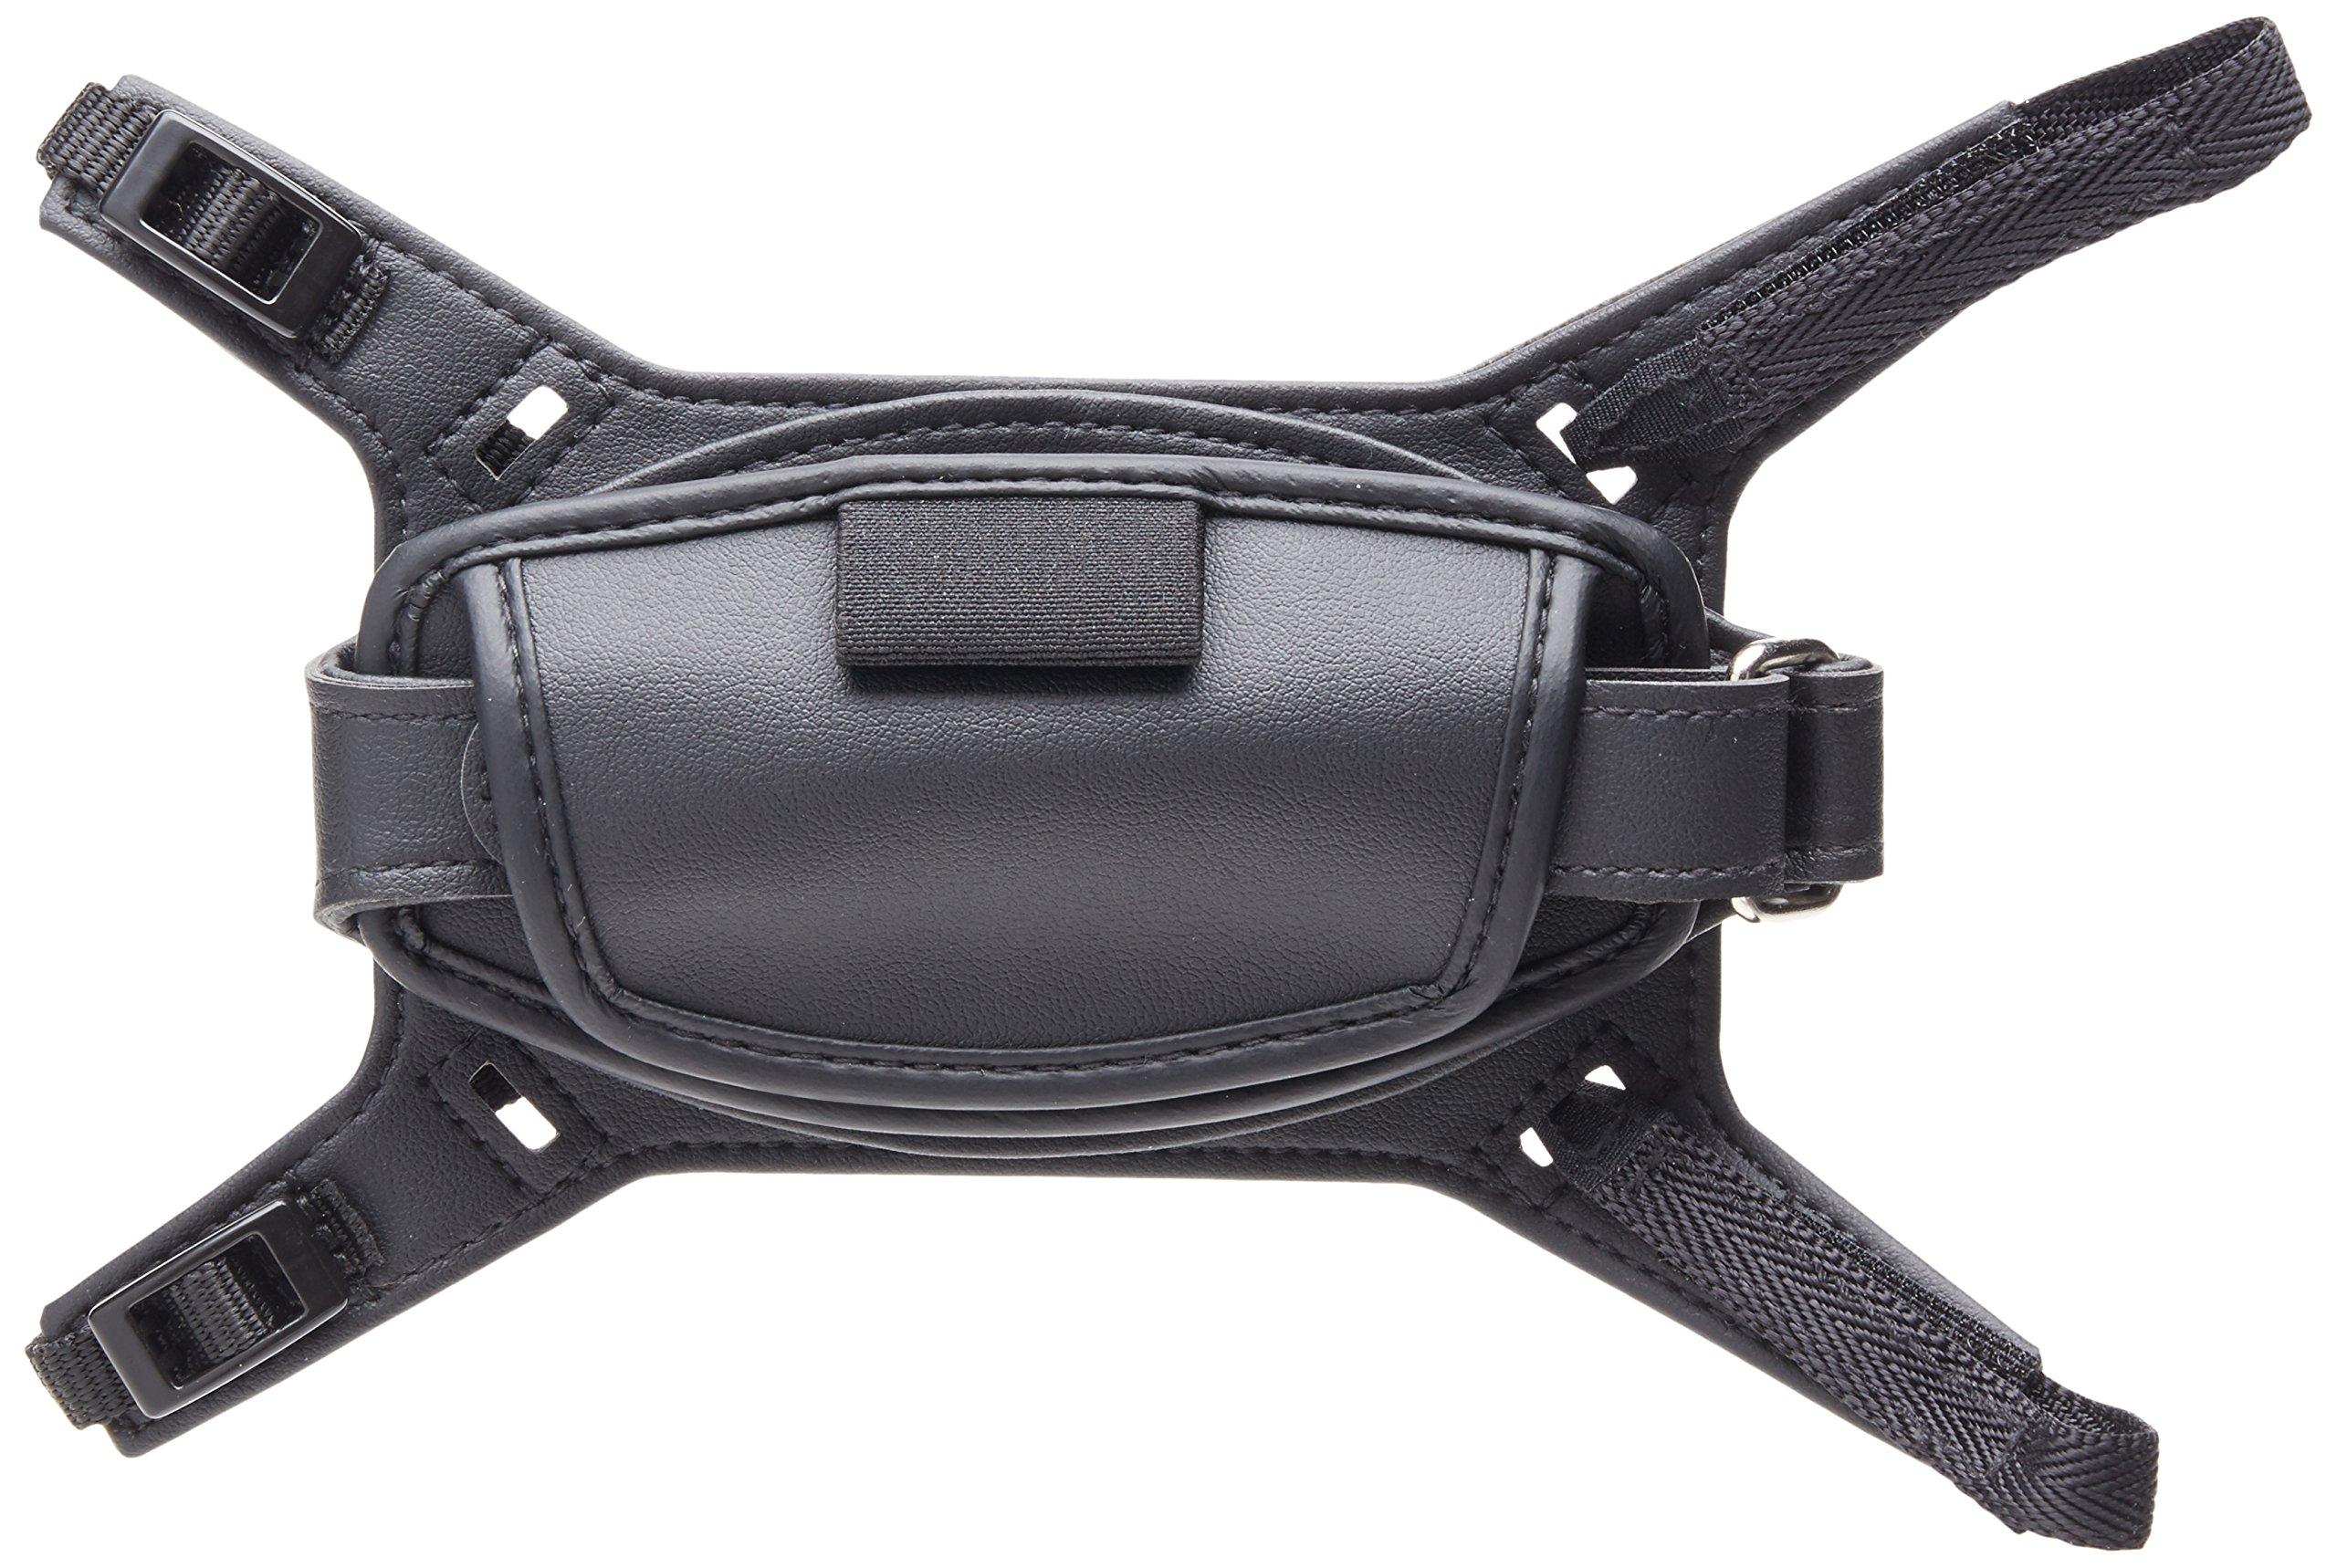 Panasonic - Hand Strap - Black - for Toughpad Fz-M1 (FZ-VSTM12U)